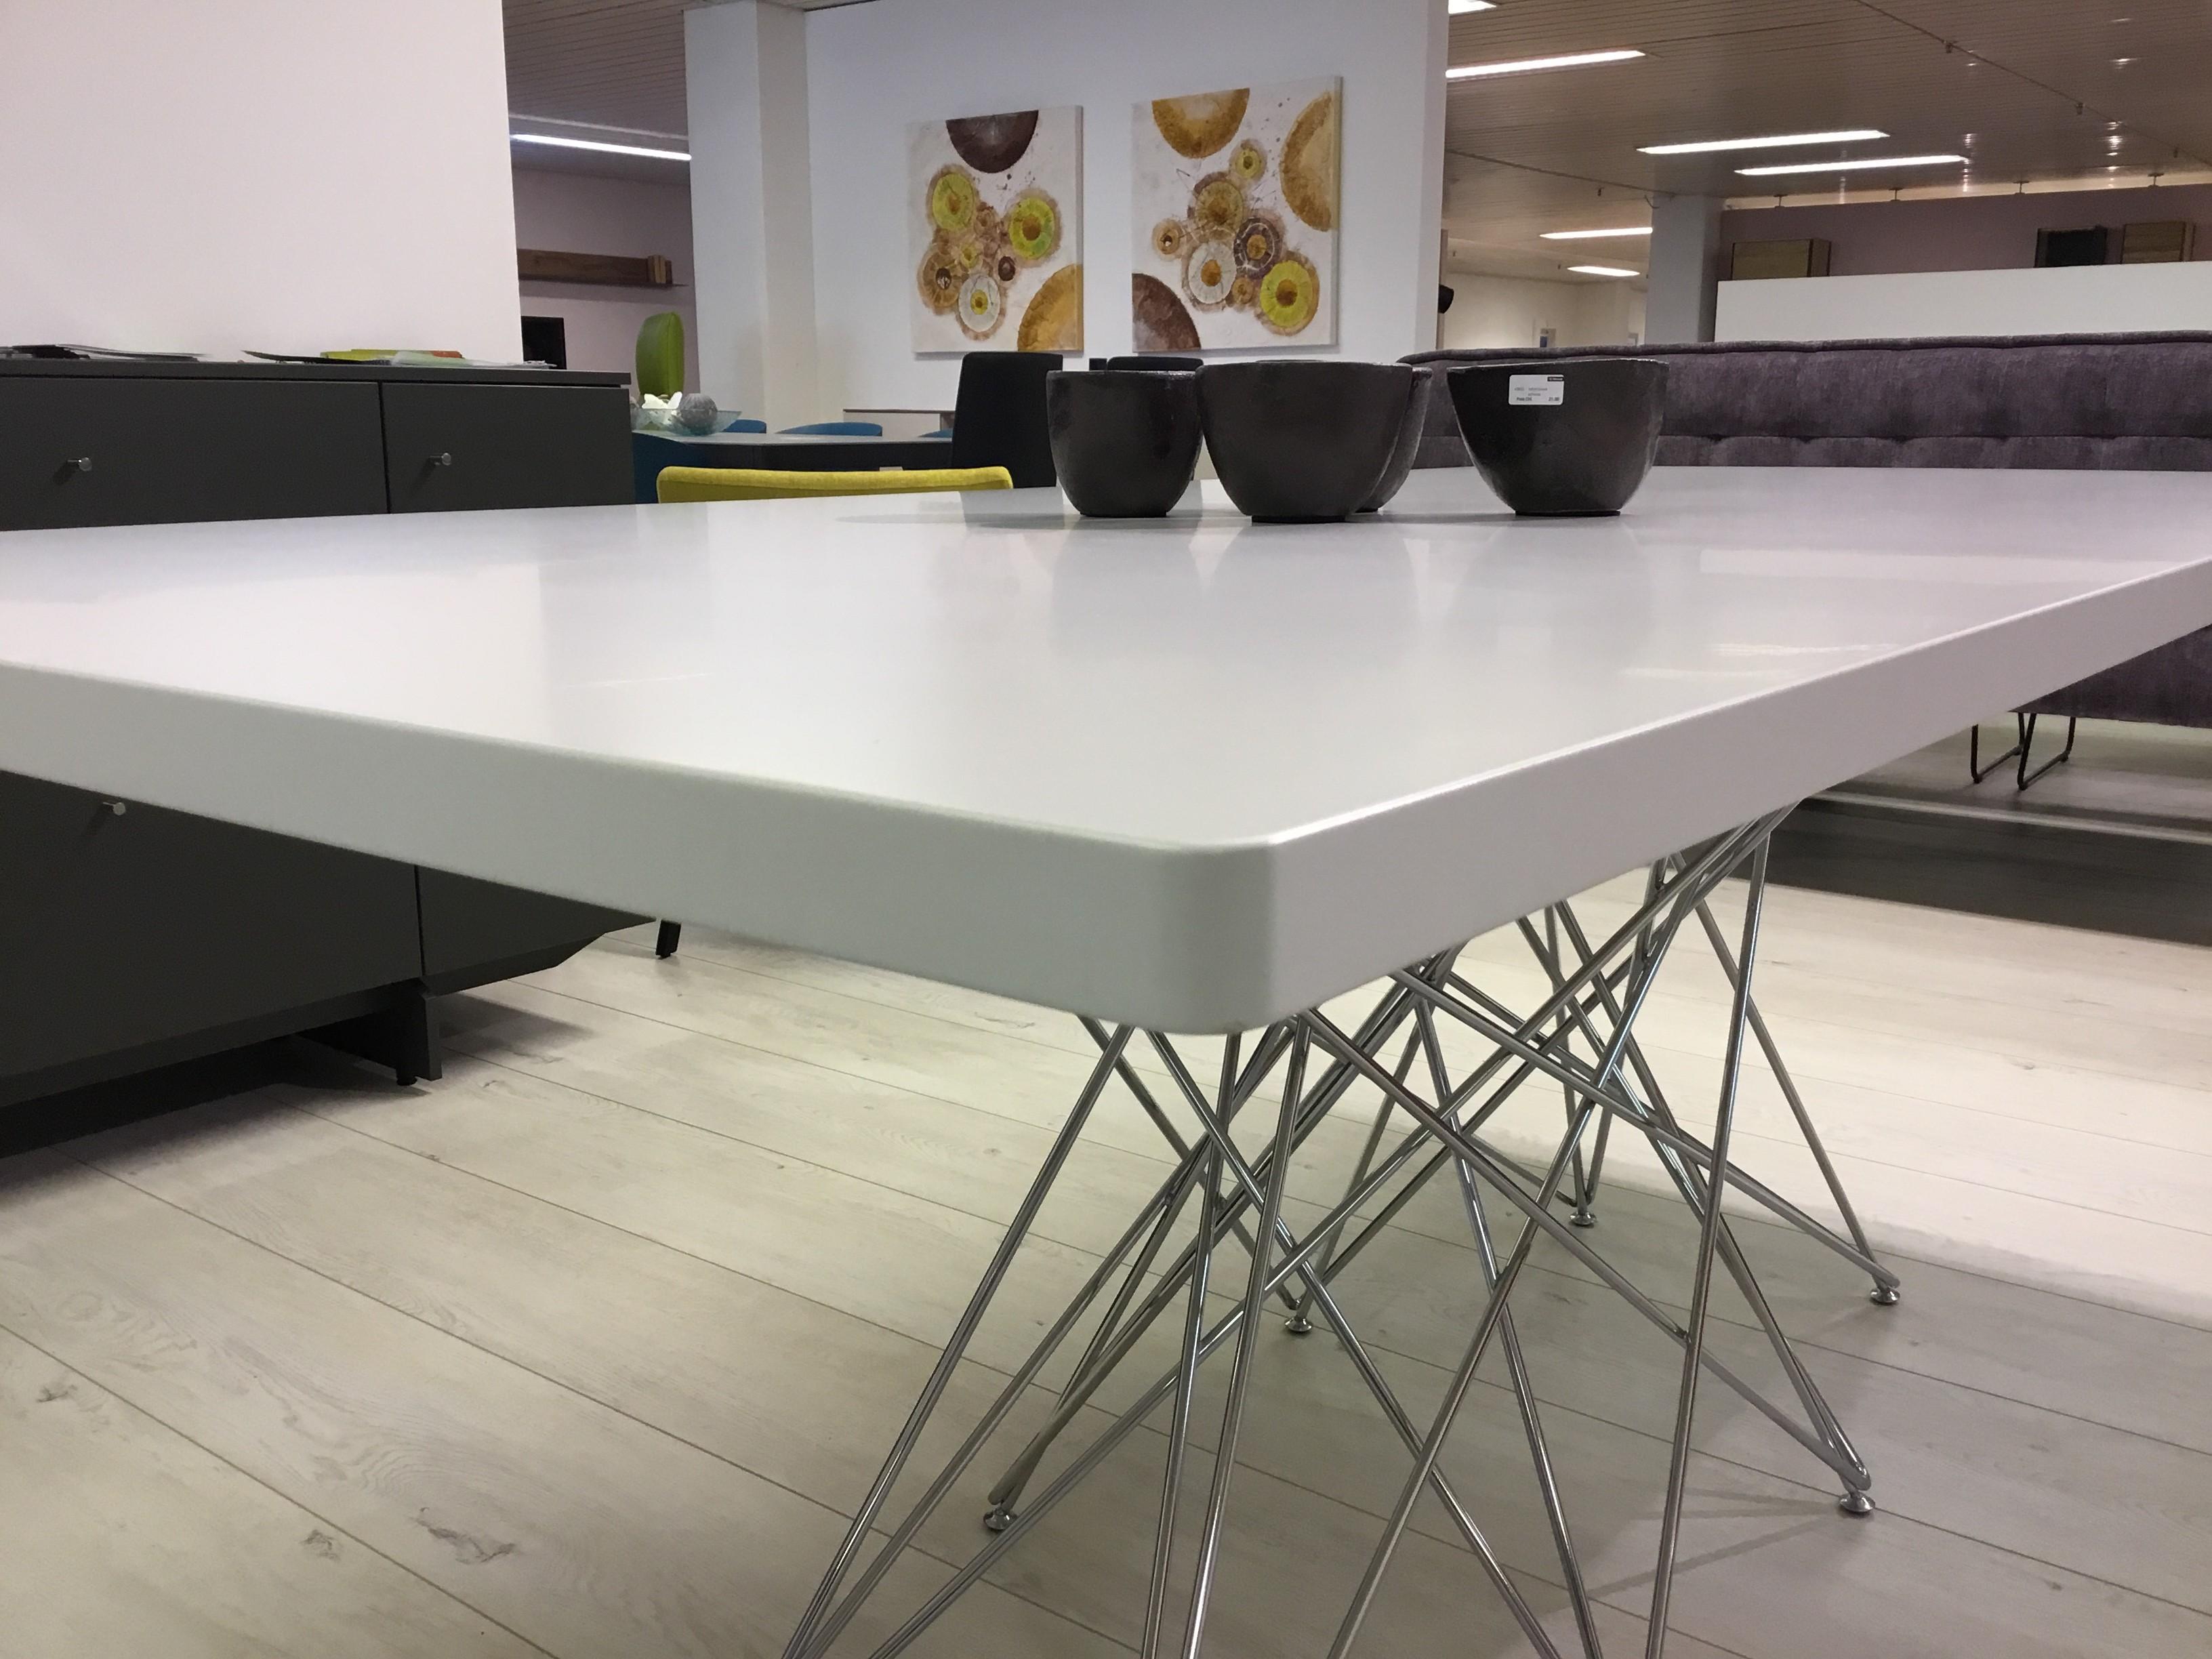 Tisch in Lack/weiss / Bonaldo 02